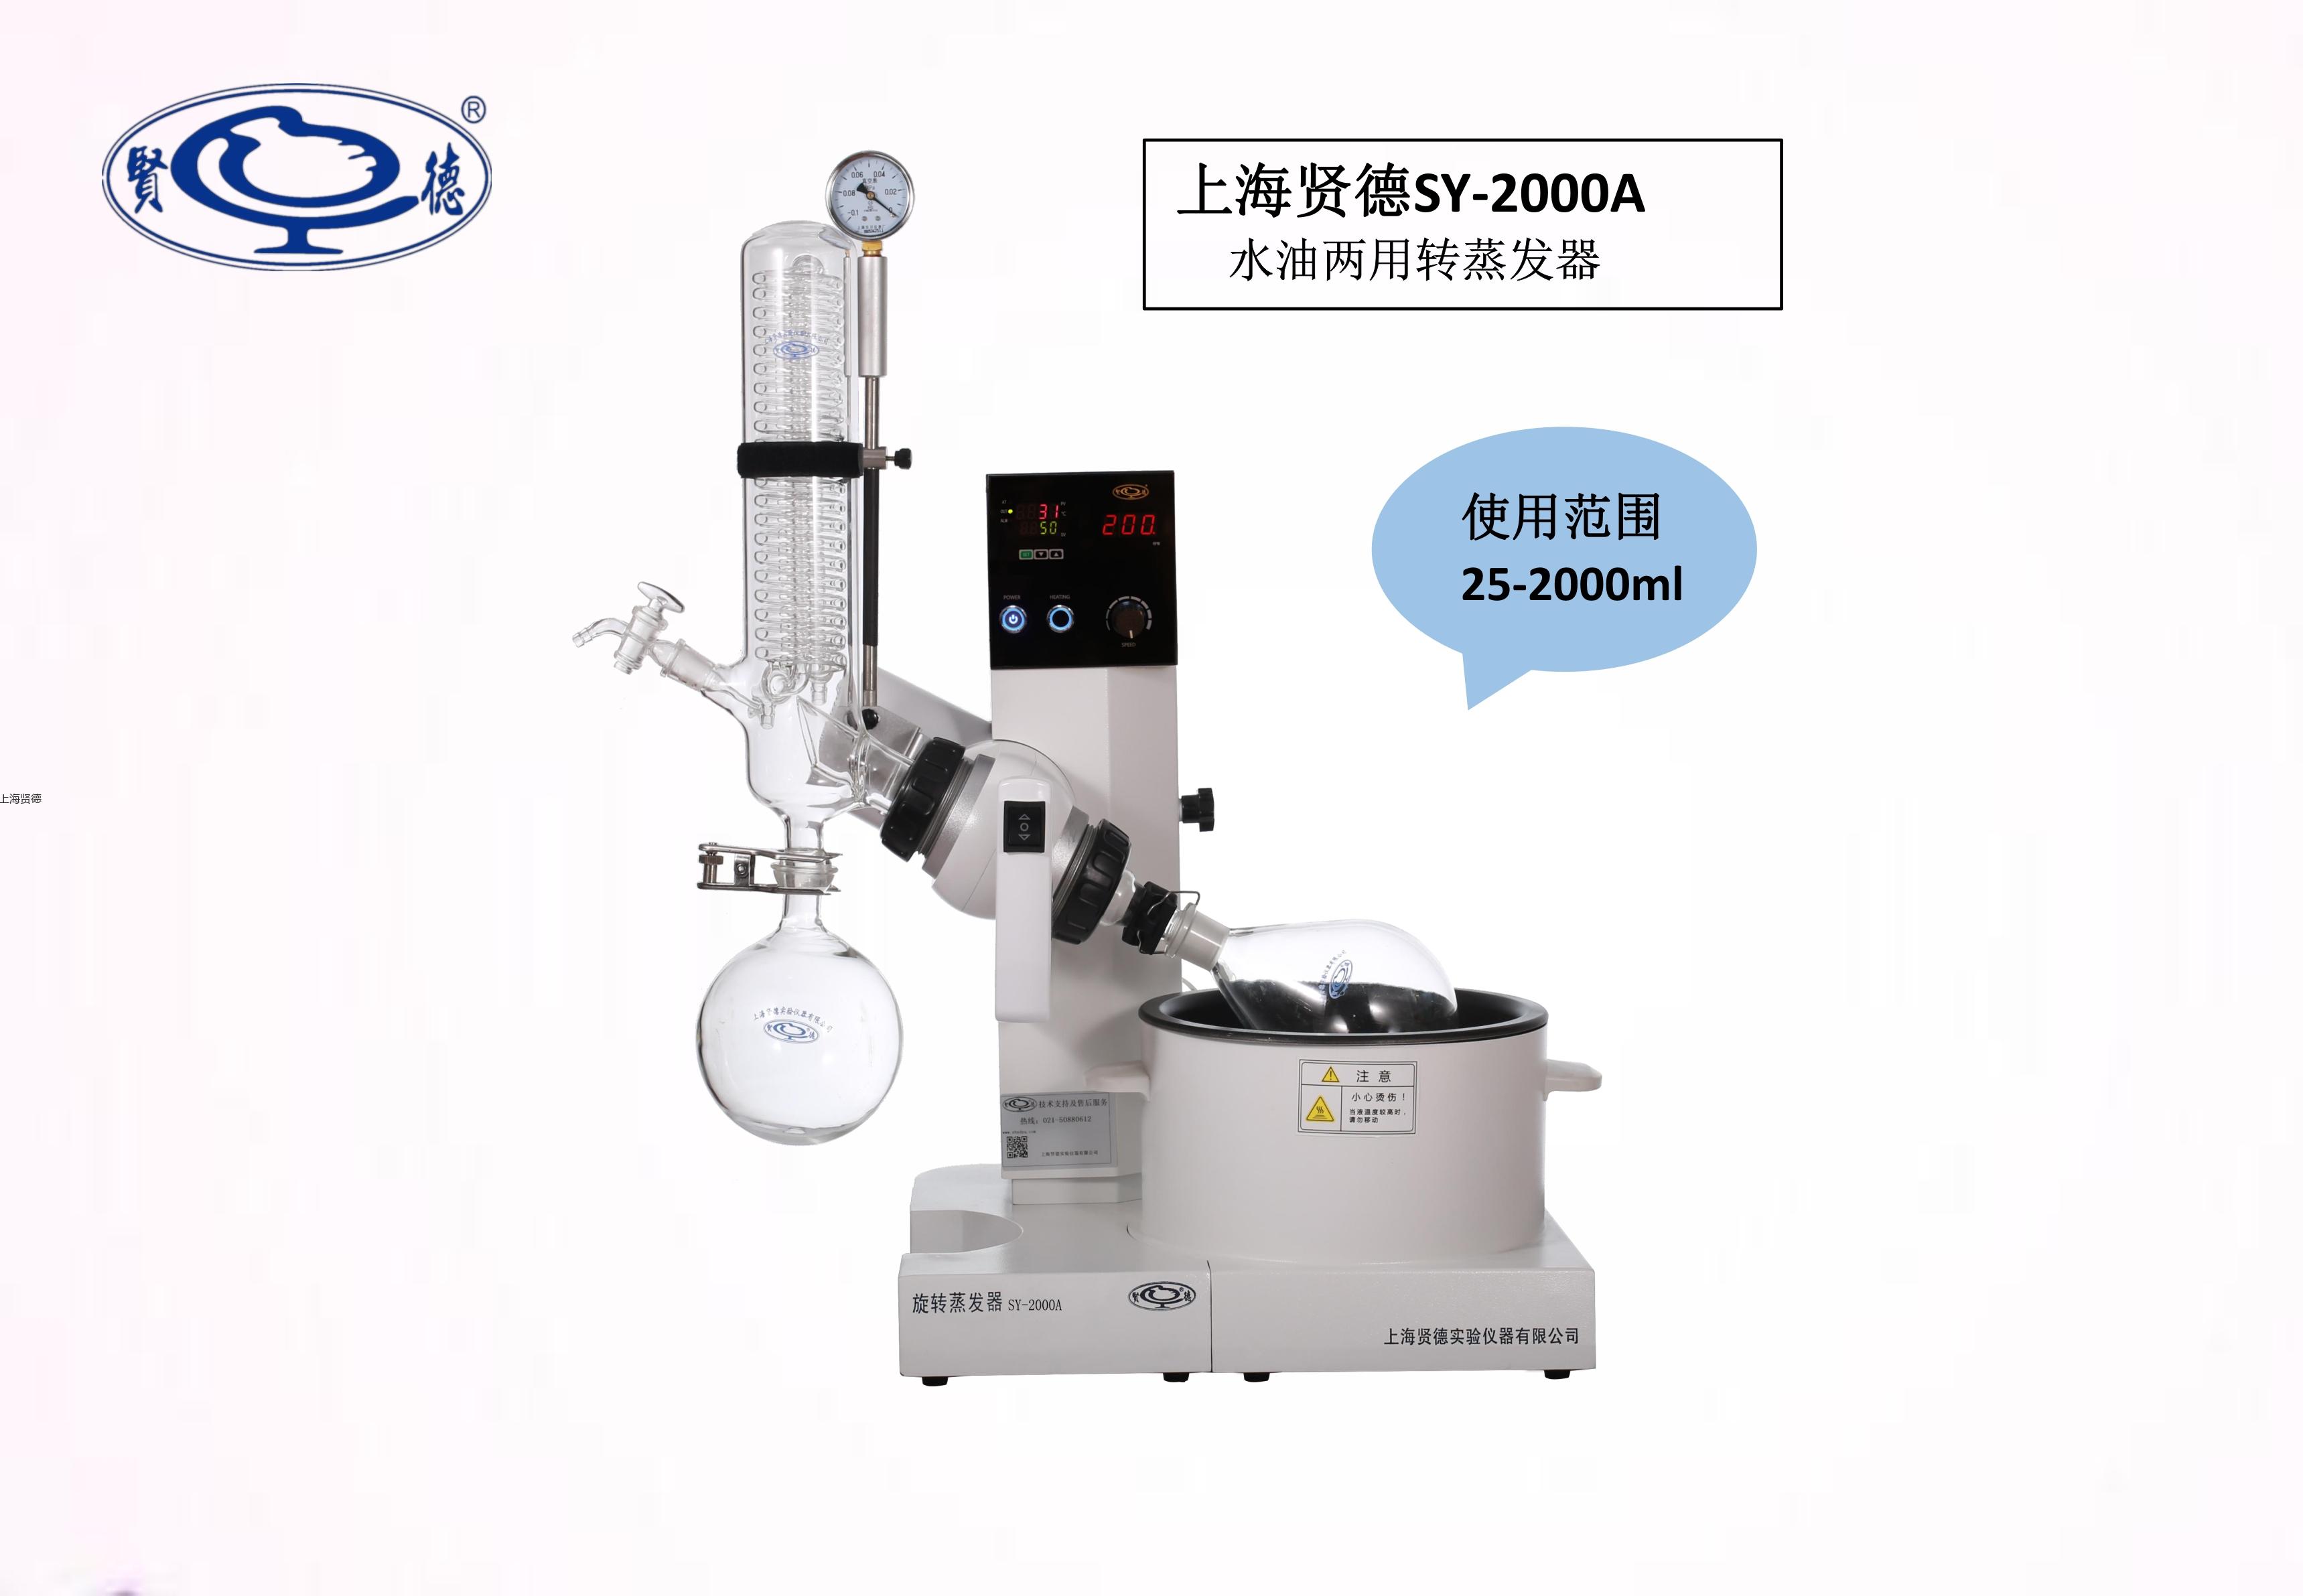 上海贤德SY-2000A水/油两用型旋转蒸发器(2L)/SY2000A旋转蒸发仪